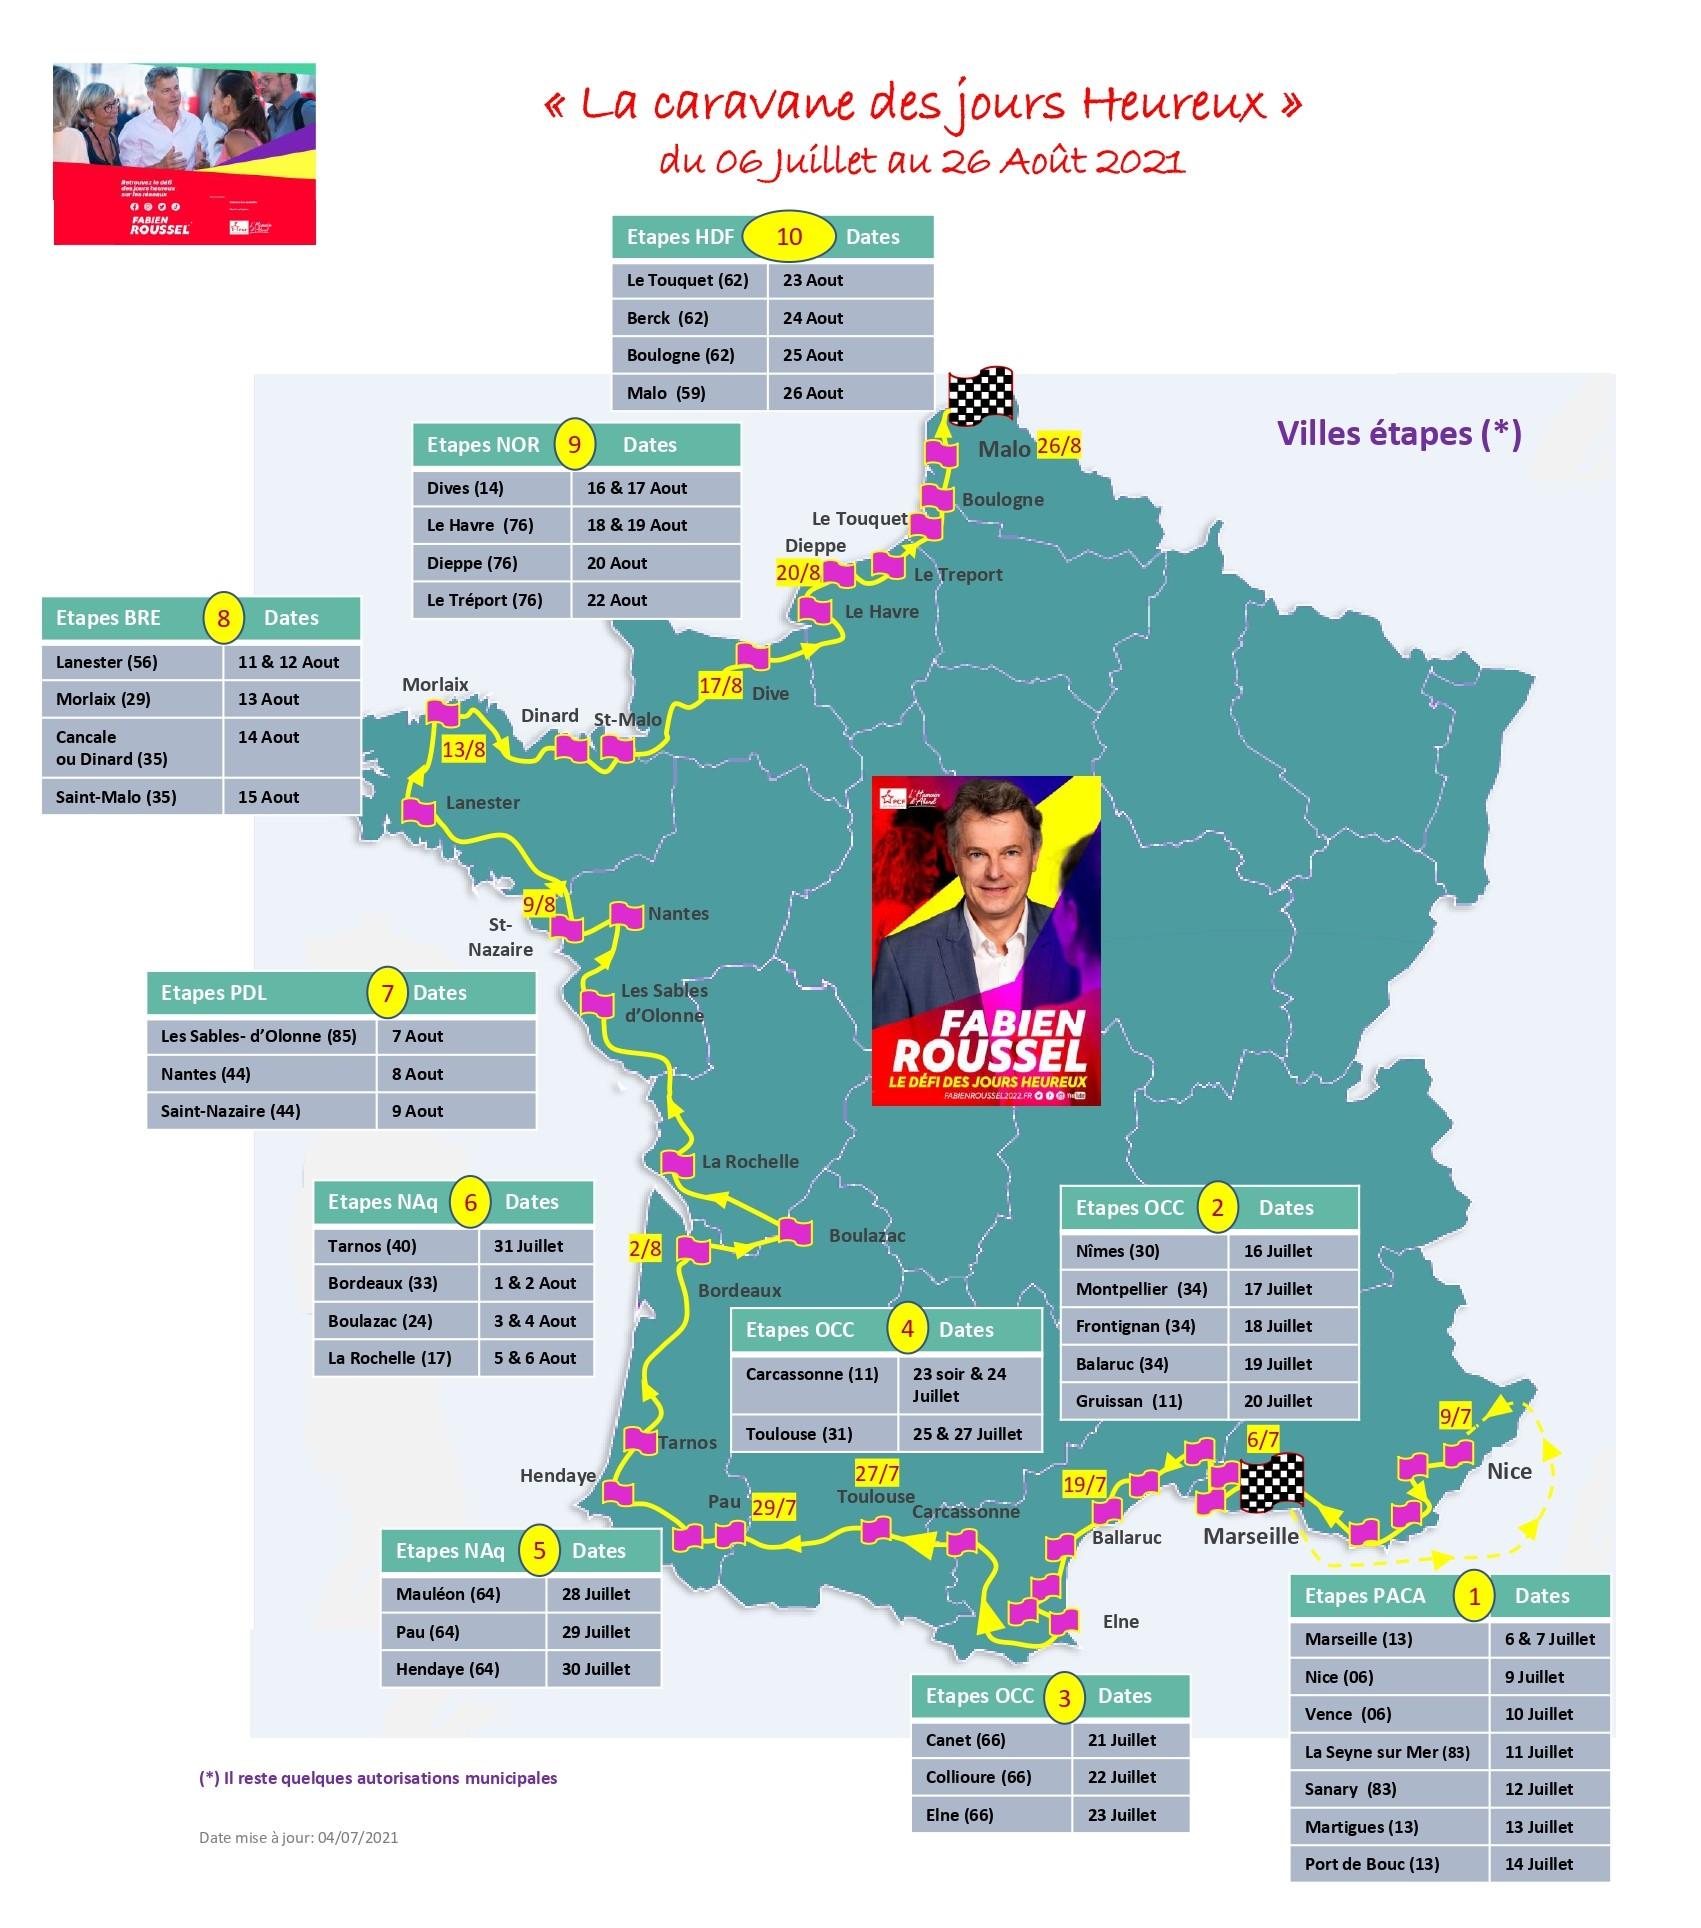 FR2022-caravane_jours_heureux_itinéraires_20210705_V0_page-0001.jpg